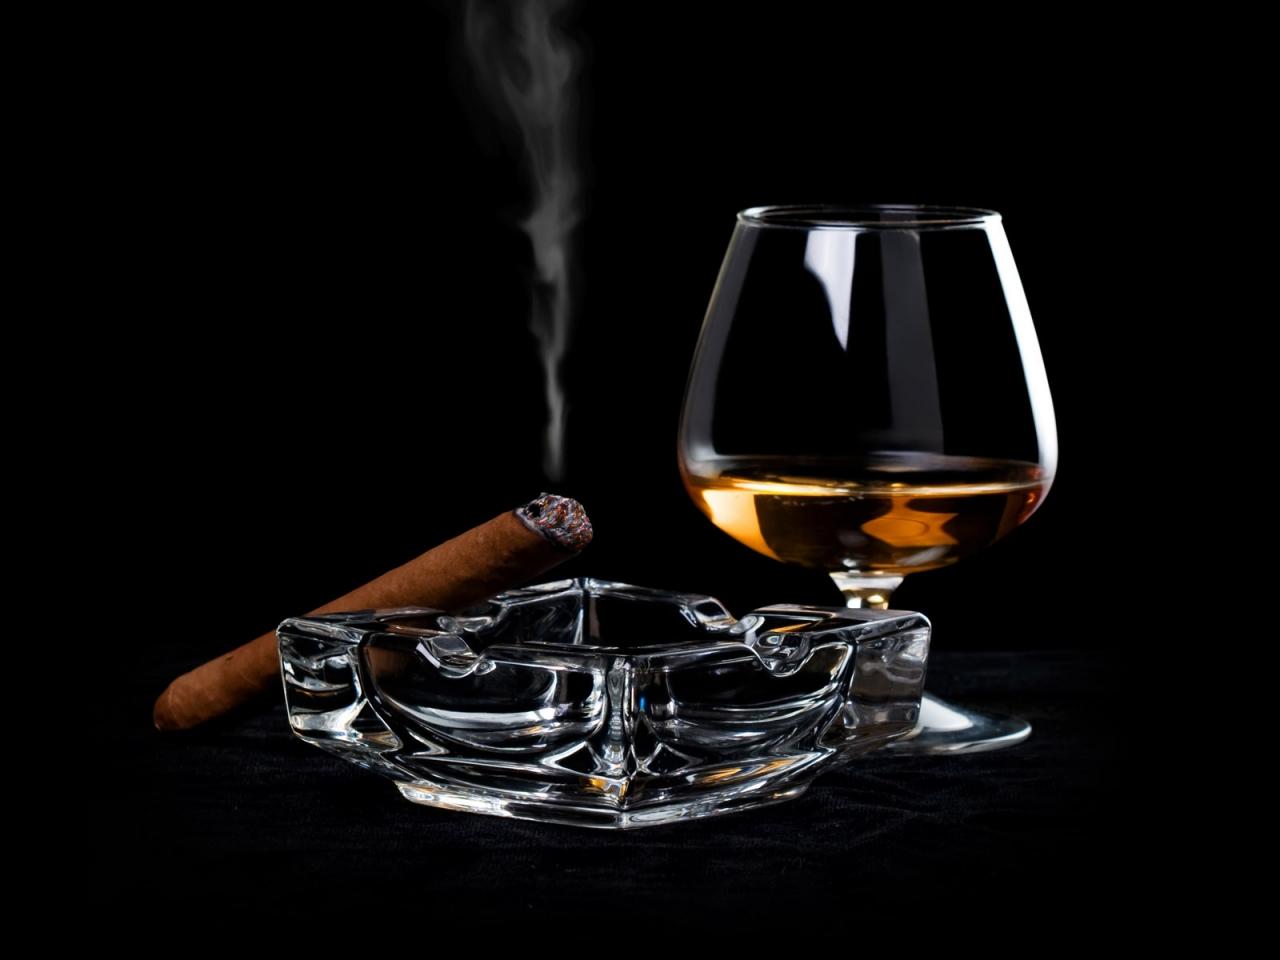 Una copa de Whisky y tabaco - 1280x960